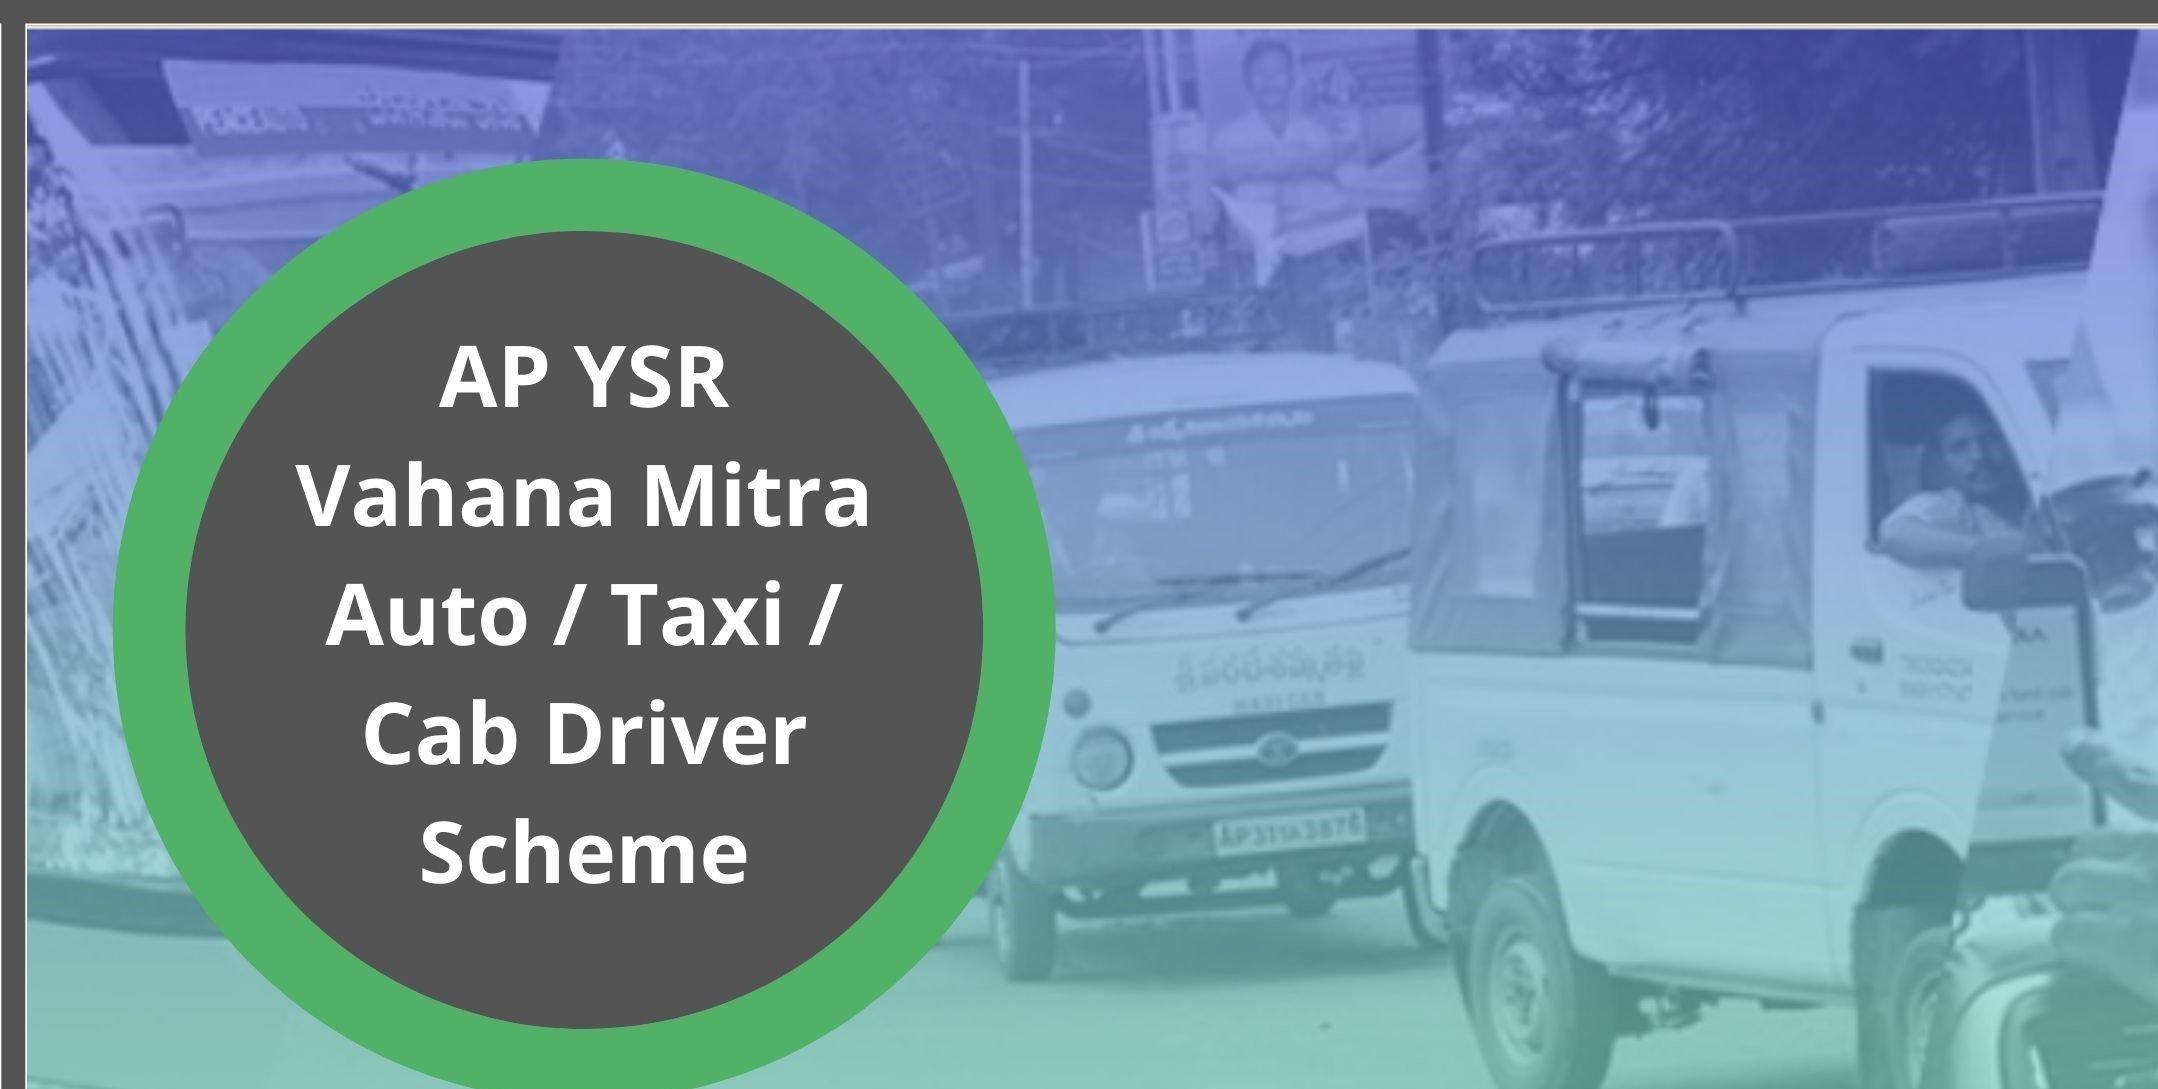 AP YSR Vahana Mitra Scheme 2021